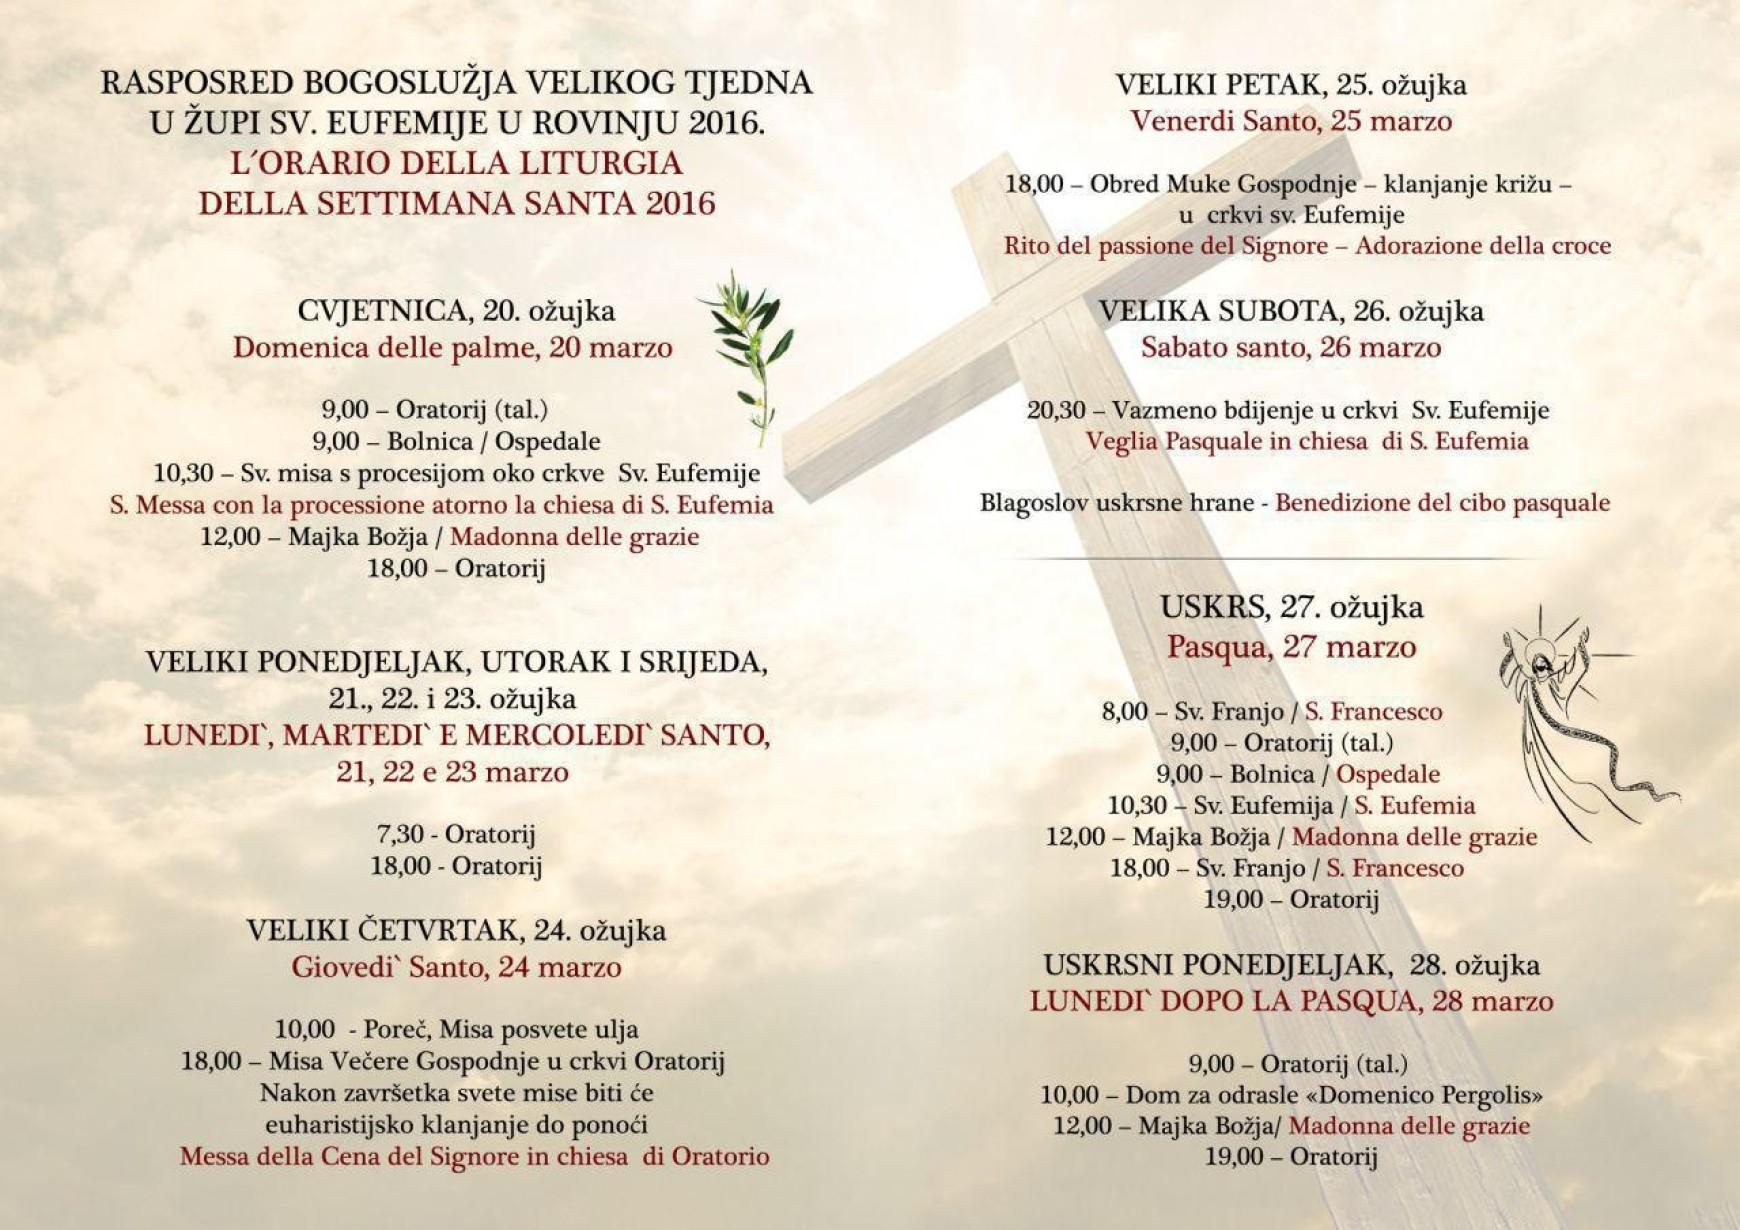 Raspored bogoslužja Velikog tjedna